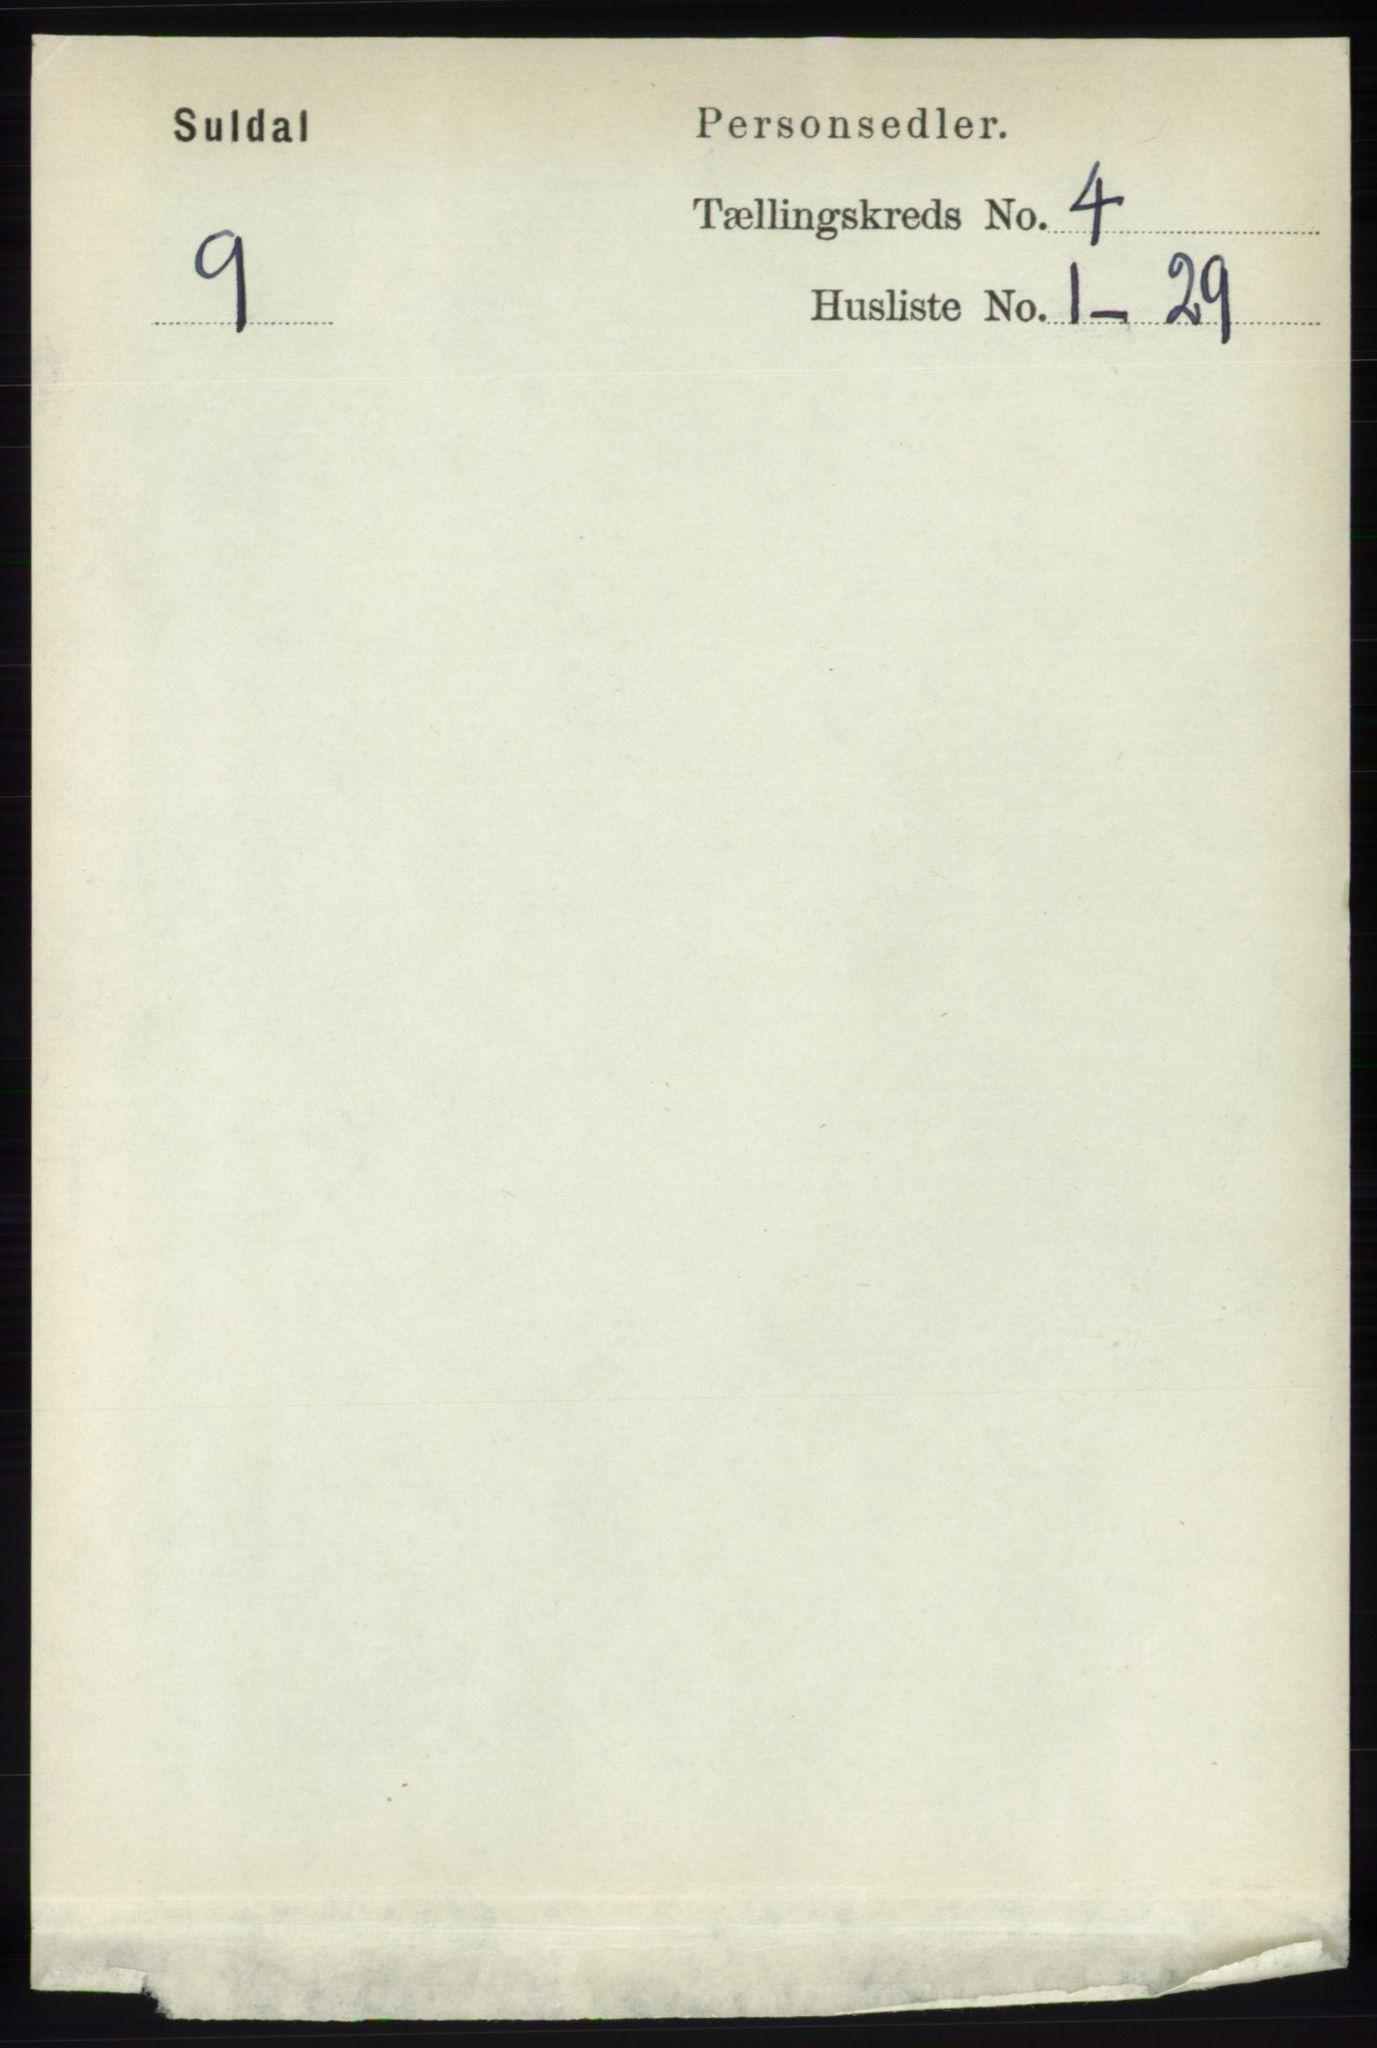 RA, Folketelling 1891 for 1134 Suldal herred, 1891, s. 866